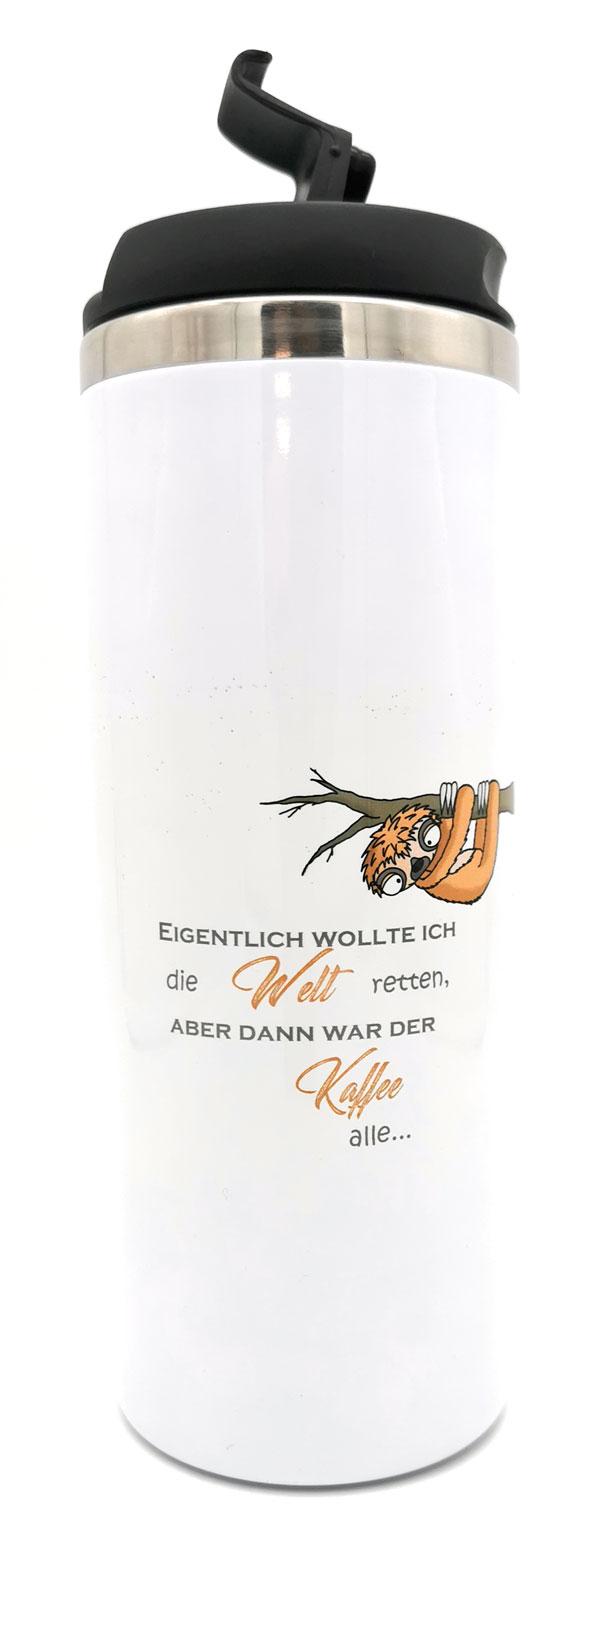 thermobecher-druckwunder-individuellbedruckt-geschenk-personalisiert-printprodukt-shop-reichenbach